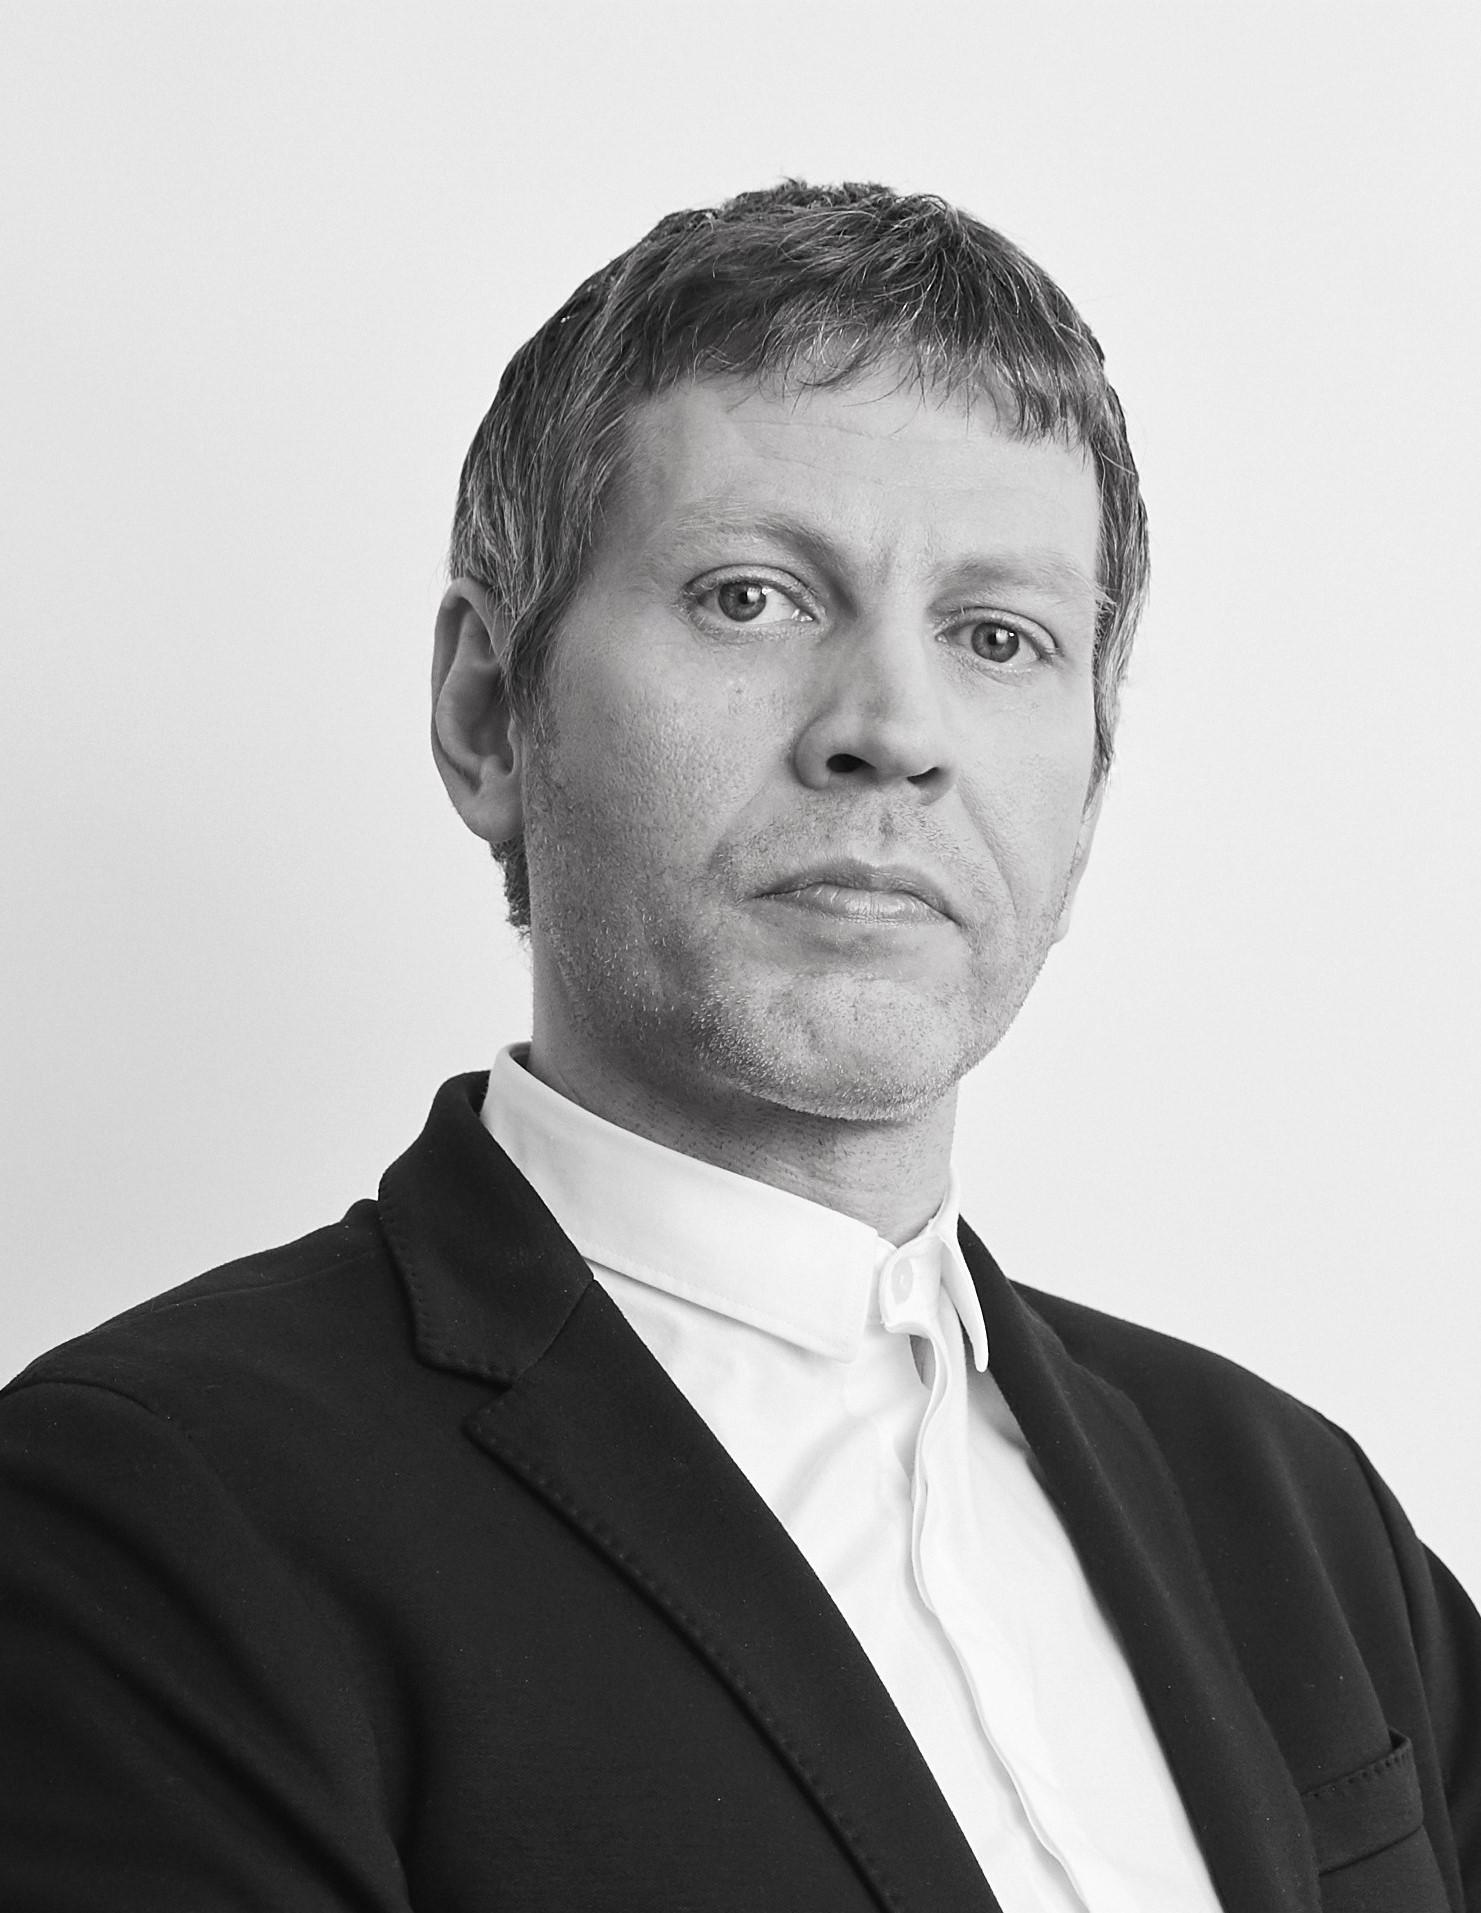 Carl Vann